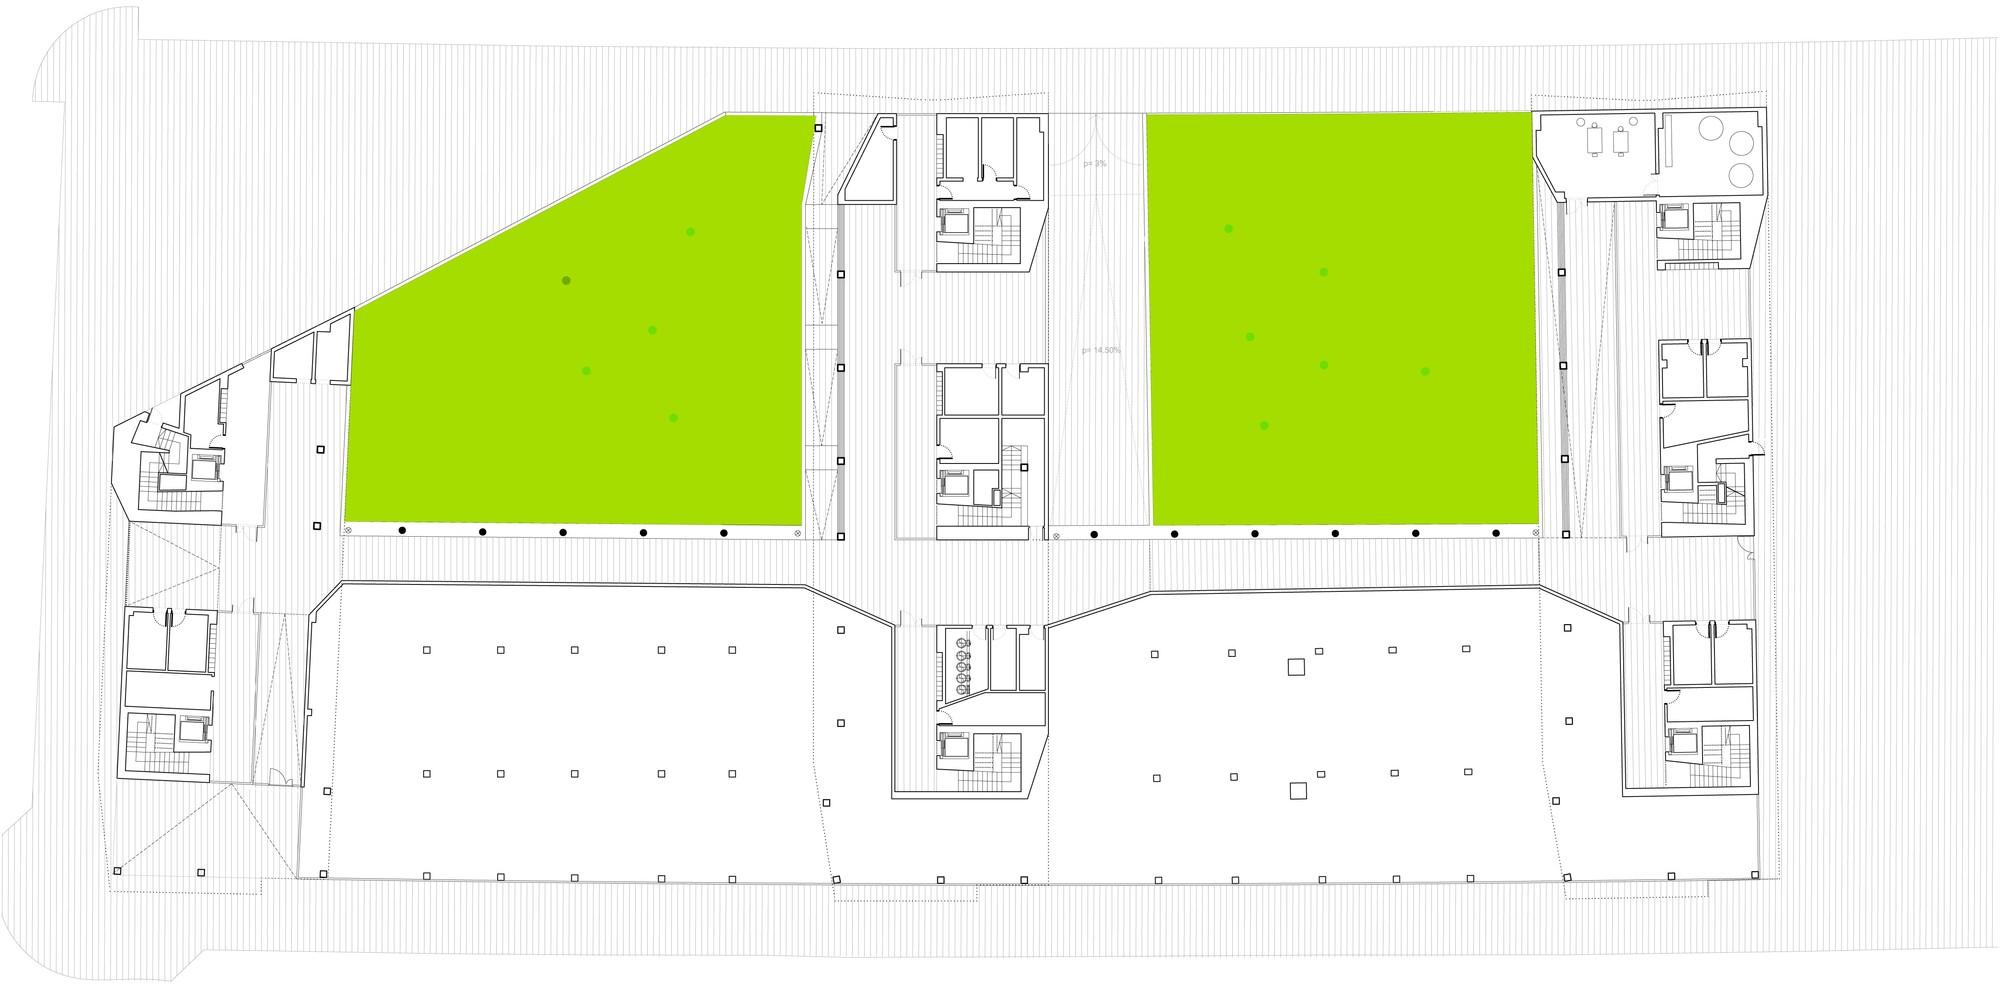 Galer a de nuevo grupo de viviendas de protecci n oficial en vitoria gasteiz acxt arquitectos 27 - Arquitectos en vitoria ...